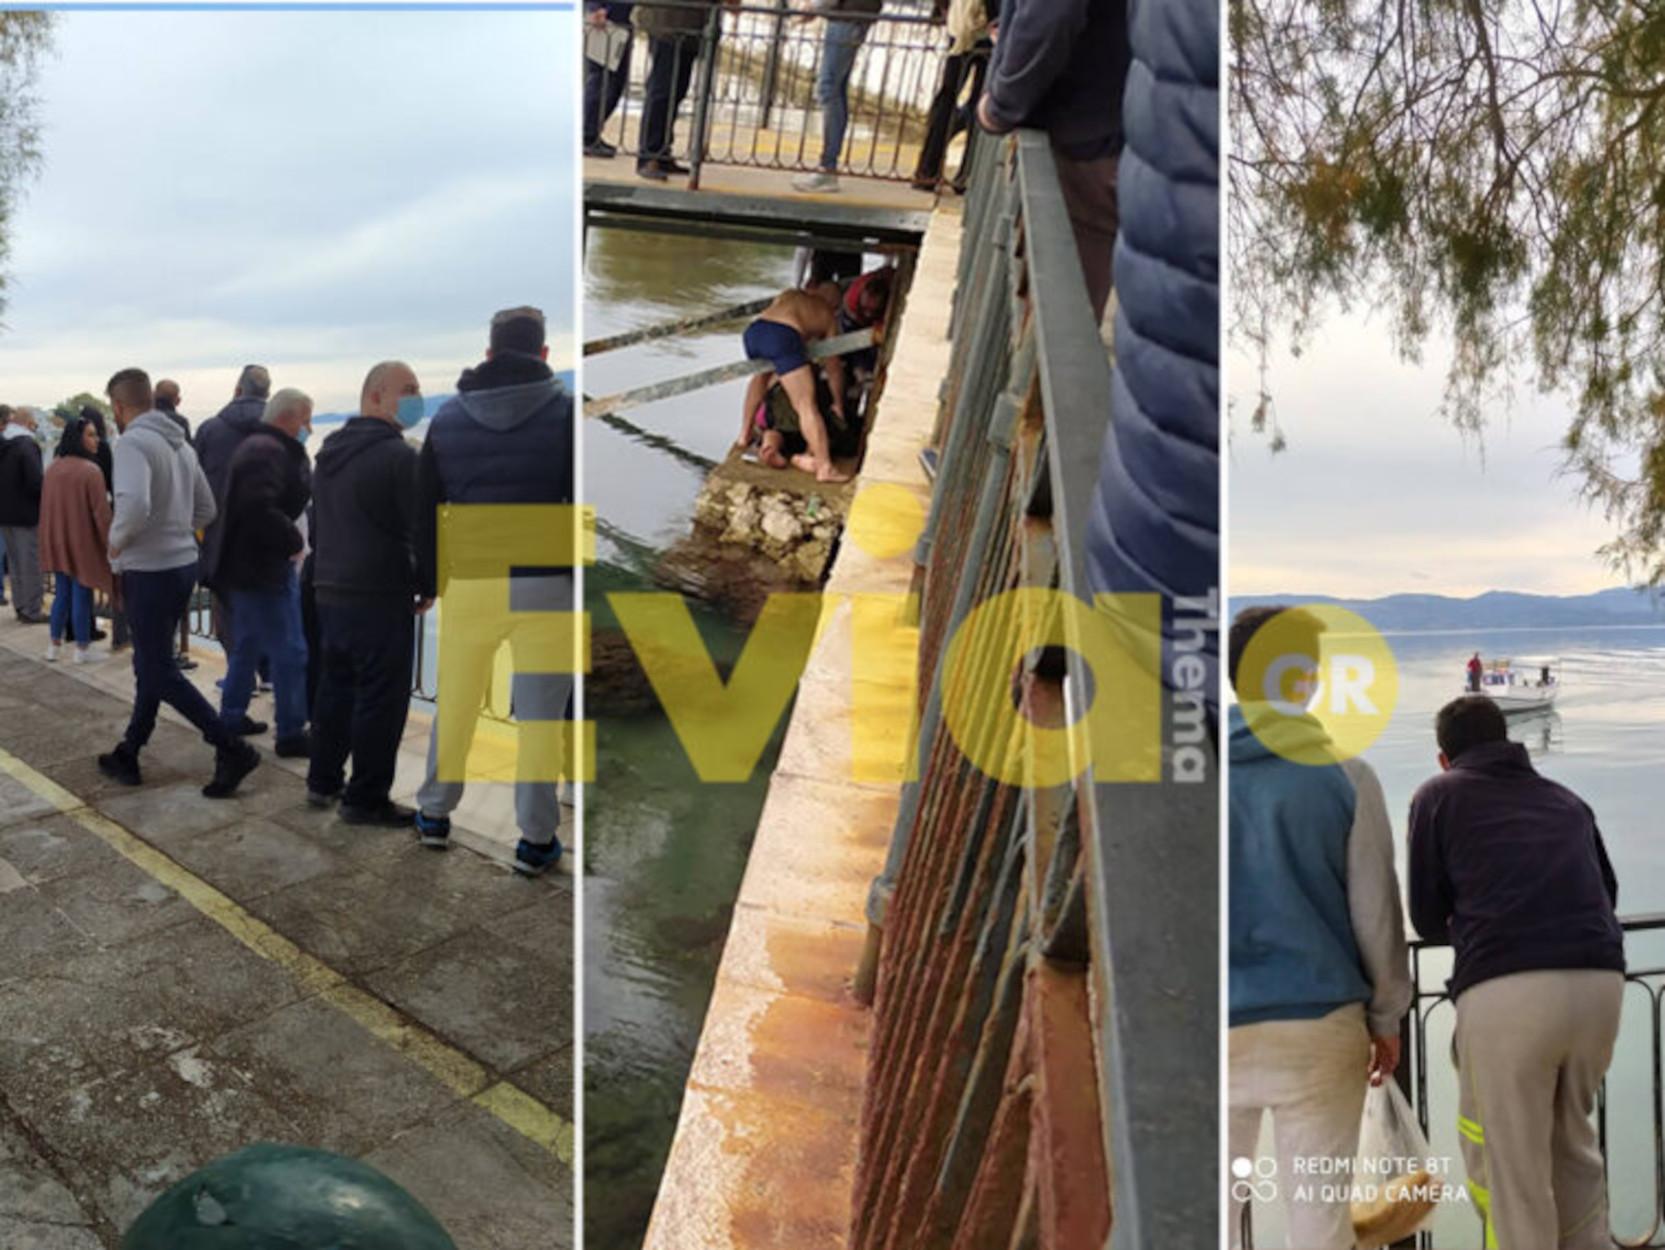 Εύβοια: Αψήφισε τα μέτρα, έπεσε για τον σταυρό και τώρα είναι στο νοσοκομείο σε άσχημη κατάσταση (pics)